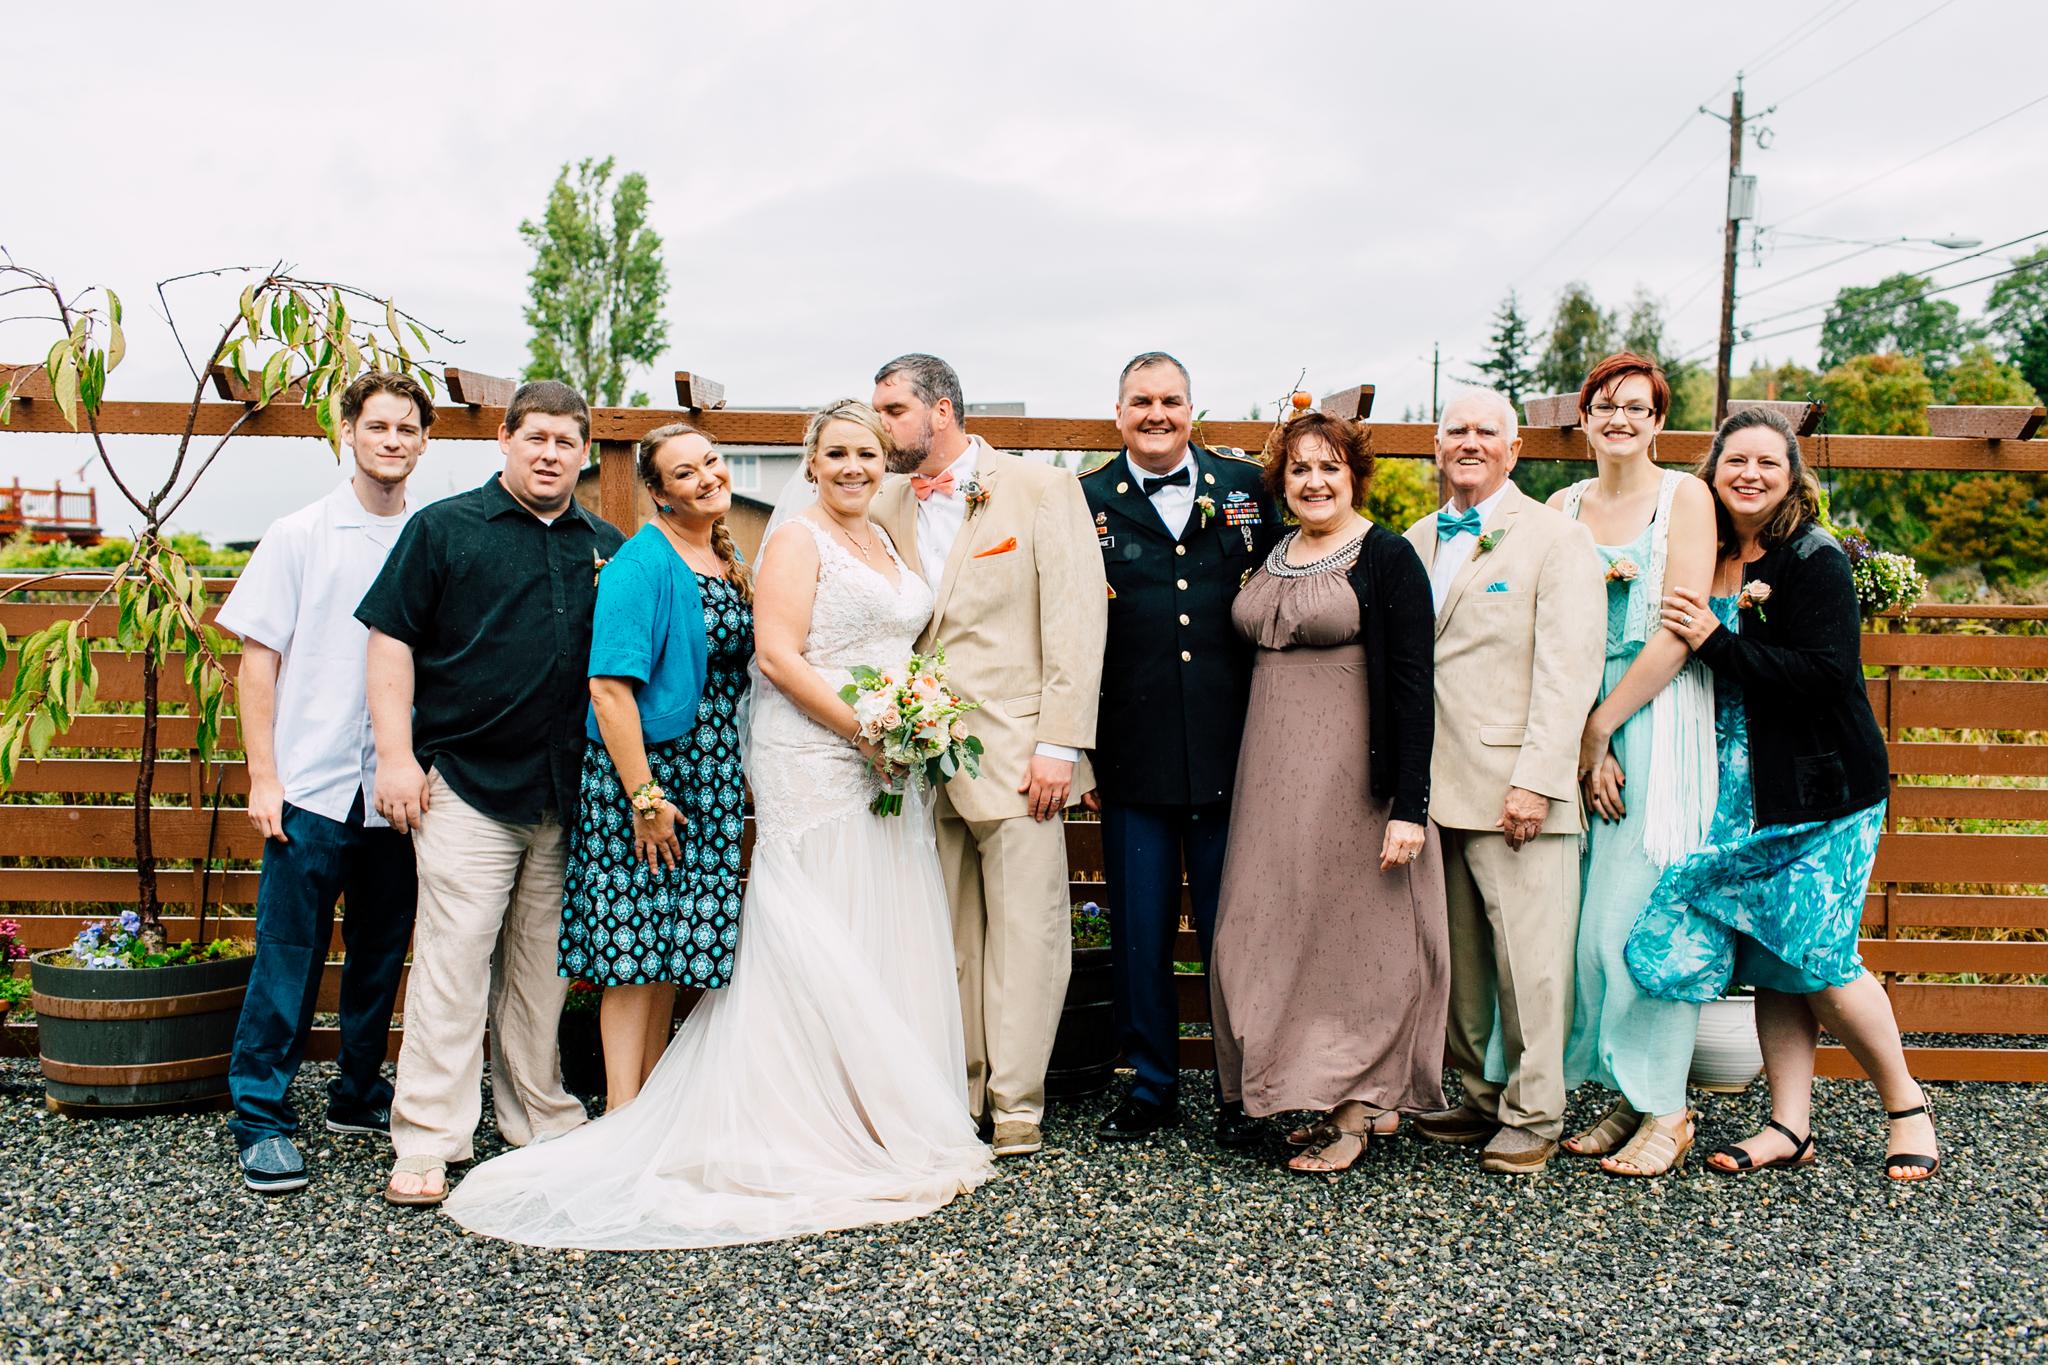 048-bellingham-wedding-photographer-beach-katheryn-moran-elisa-phillip.jpg